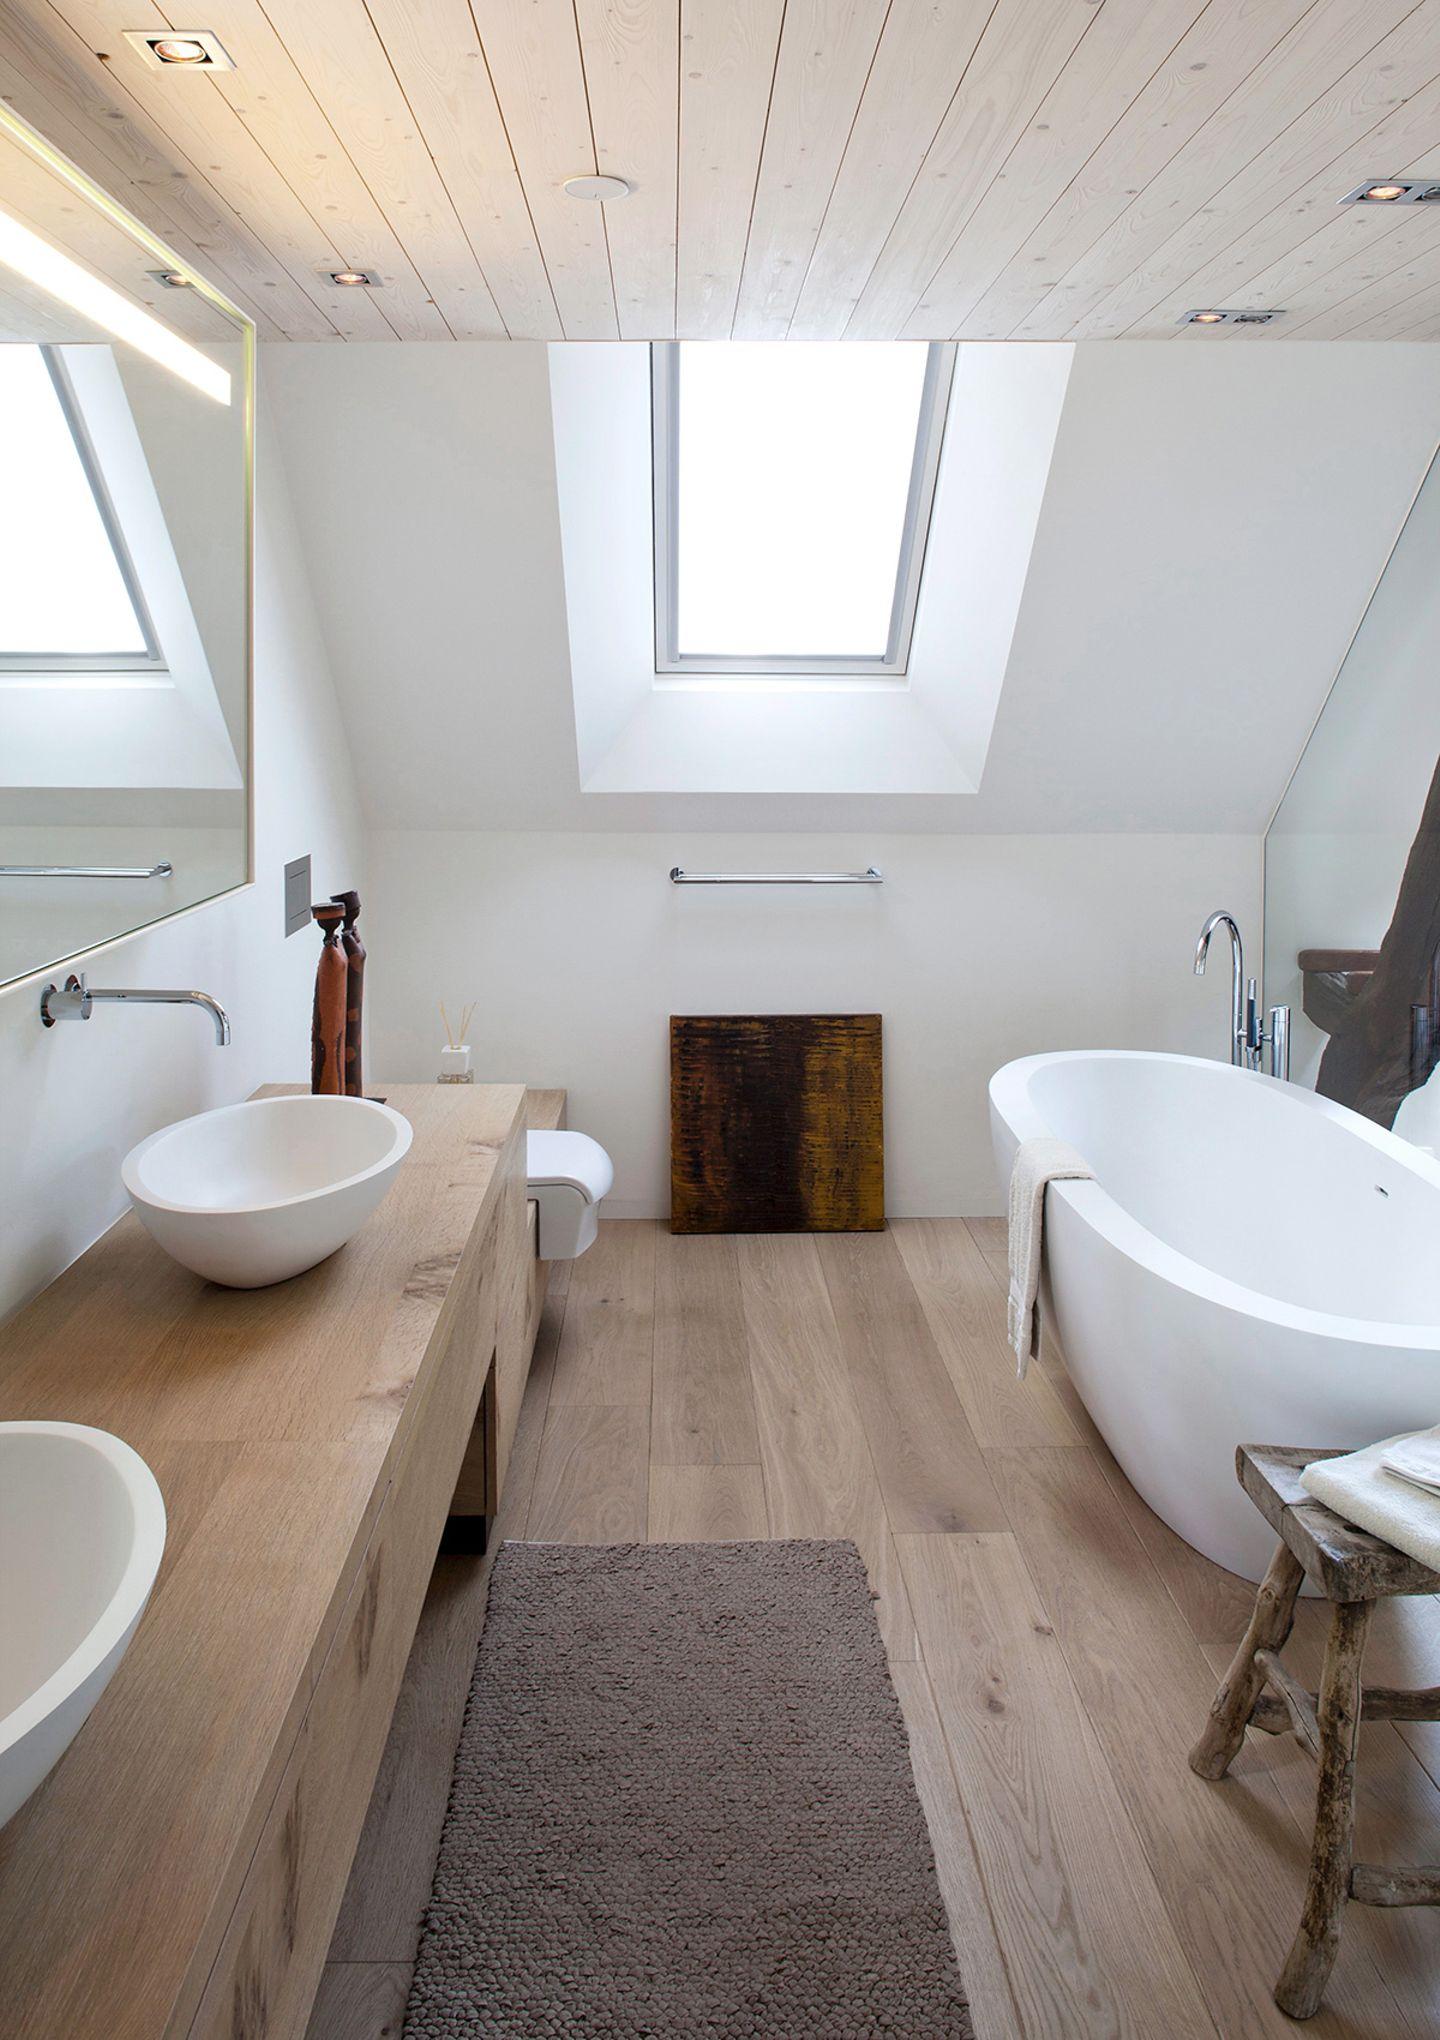 Holz im Badezimmer   Bild 21   [SCHÖNER WOHNEN]